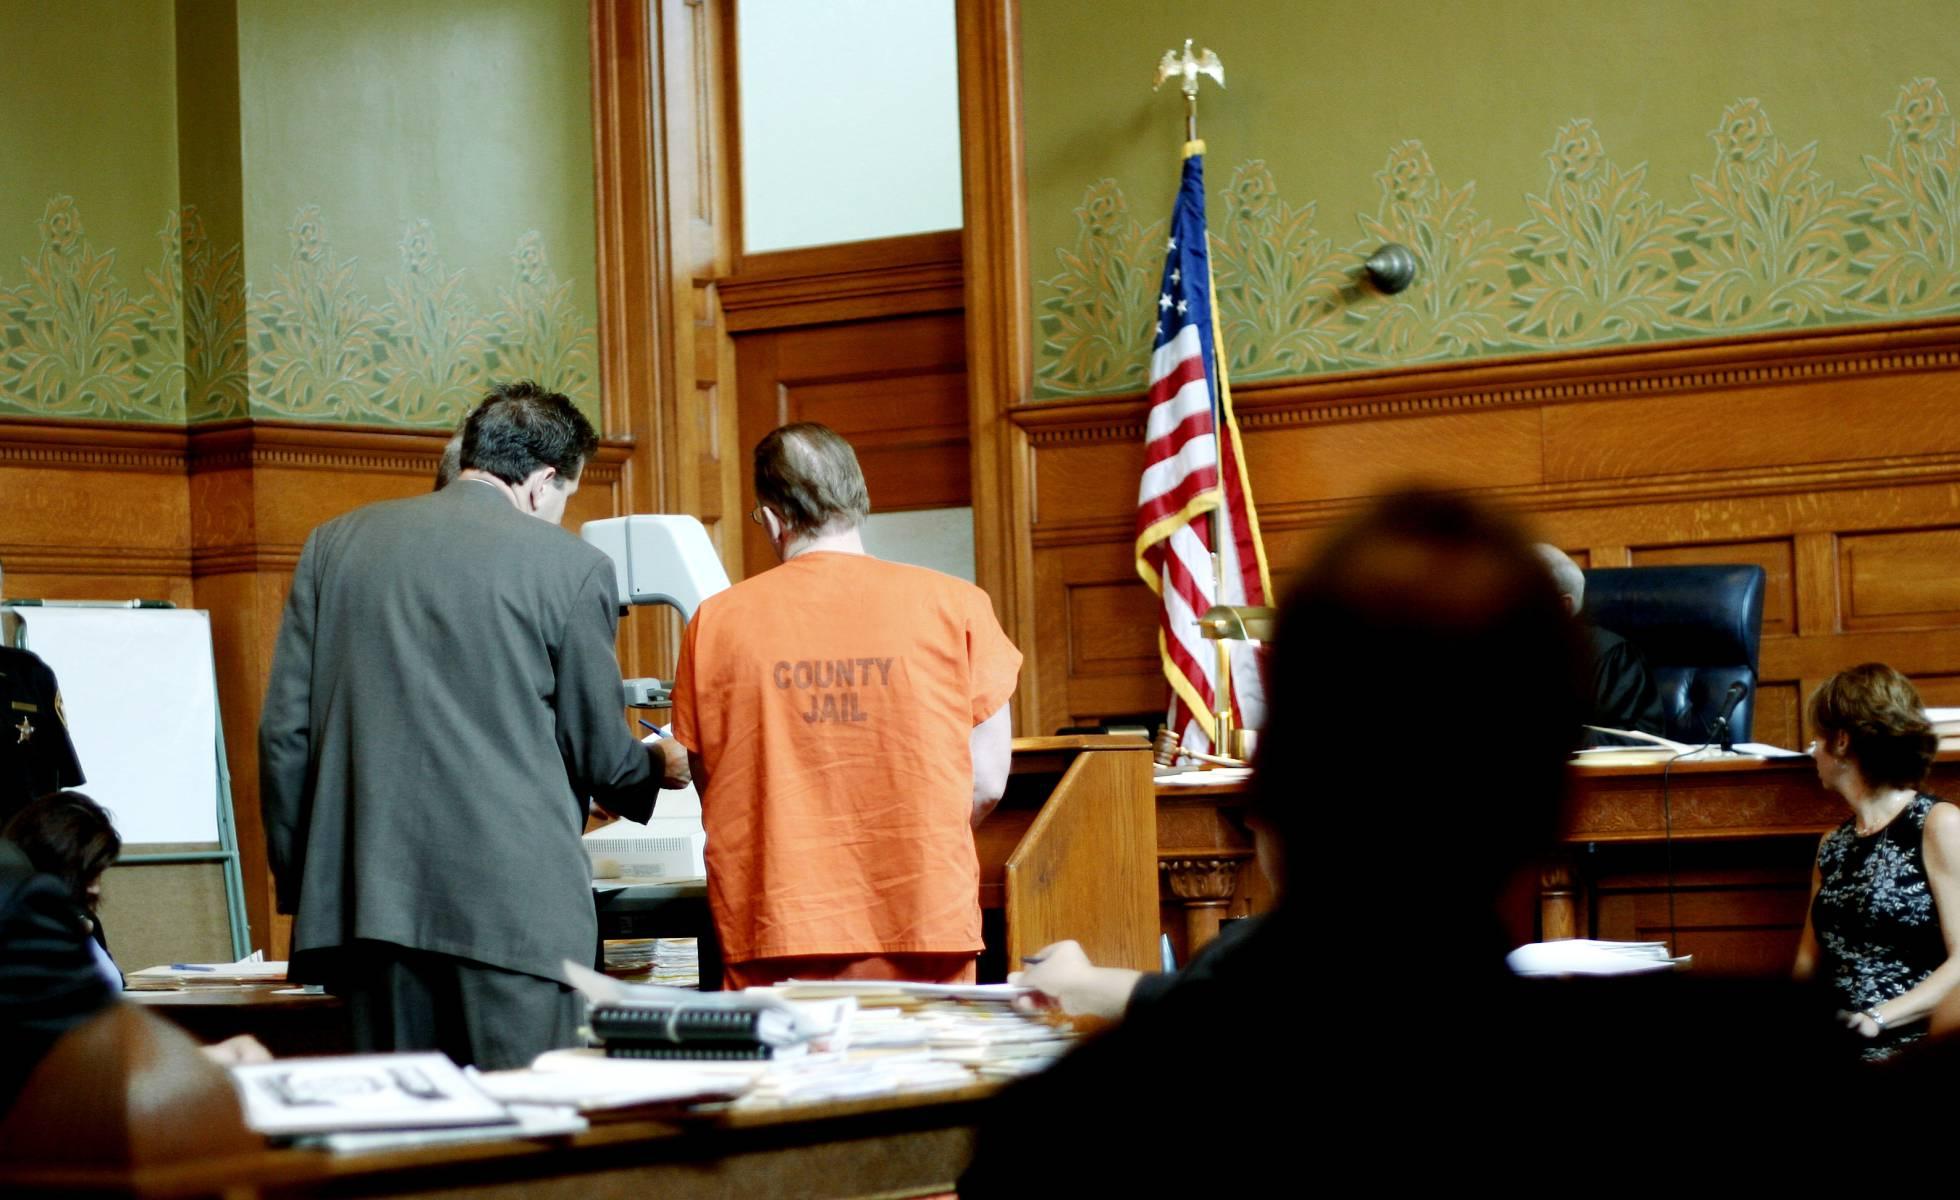 Un juez de Texas ordena aplicar descargas eléctricas a un preso para forzarlo a declarar en la sala